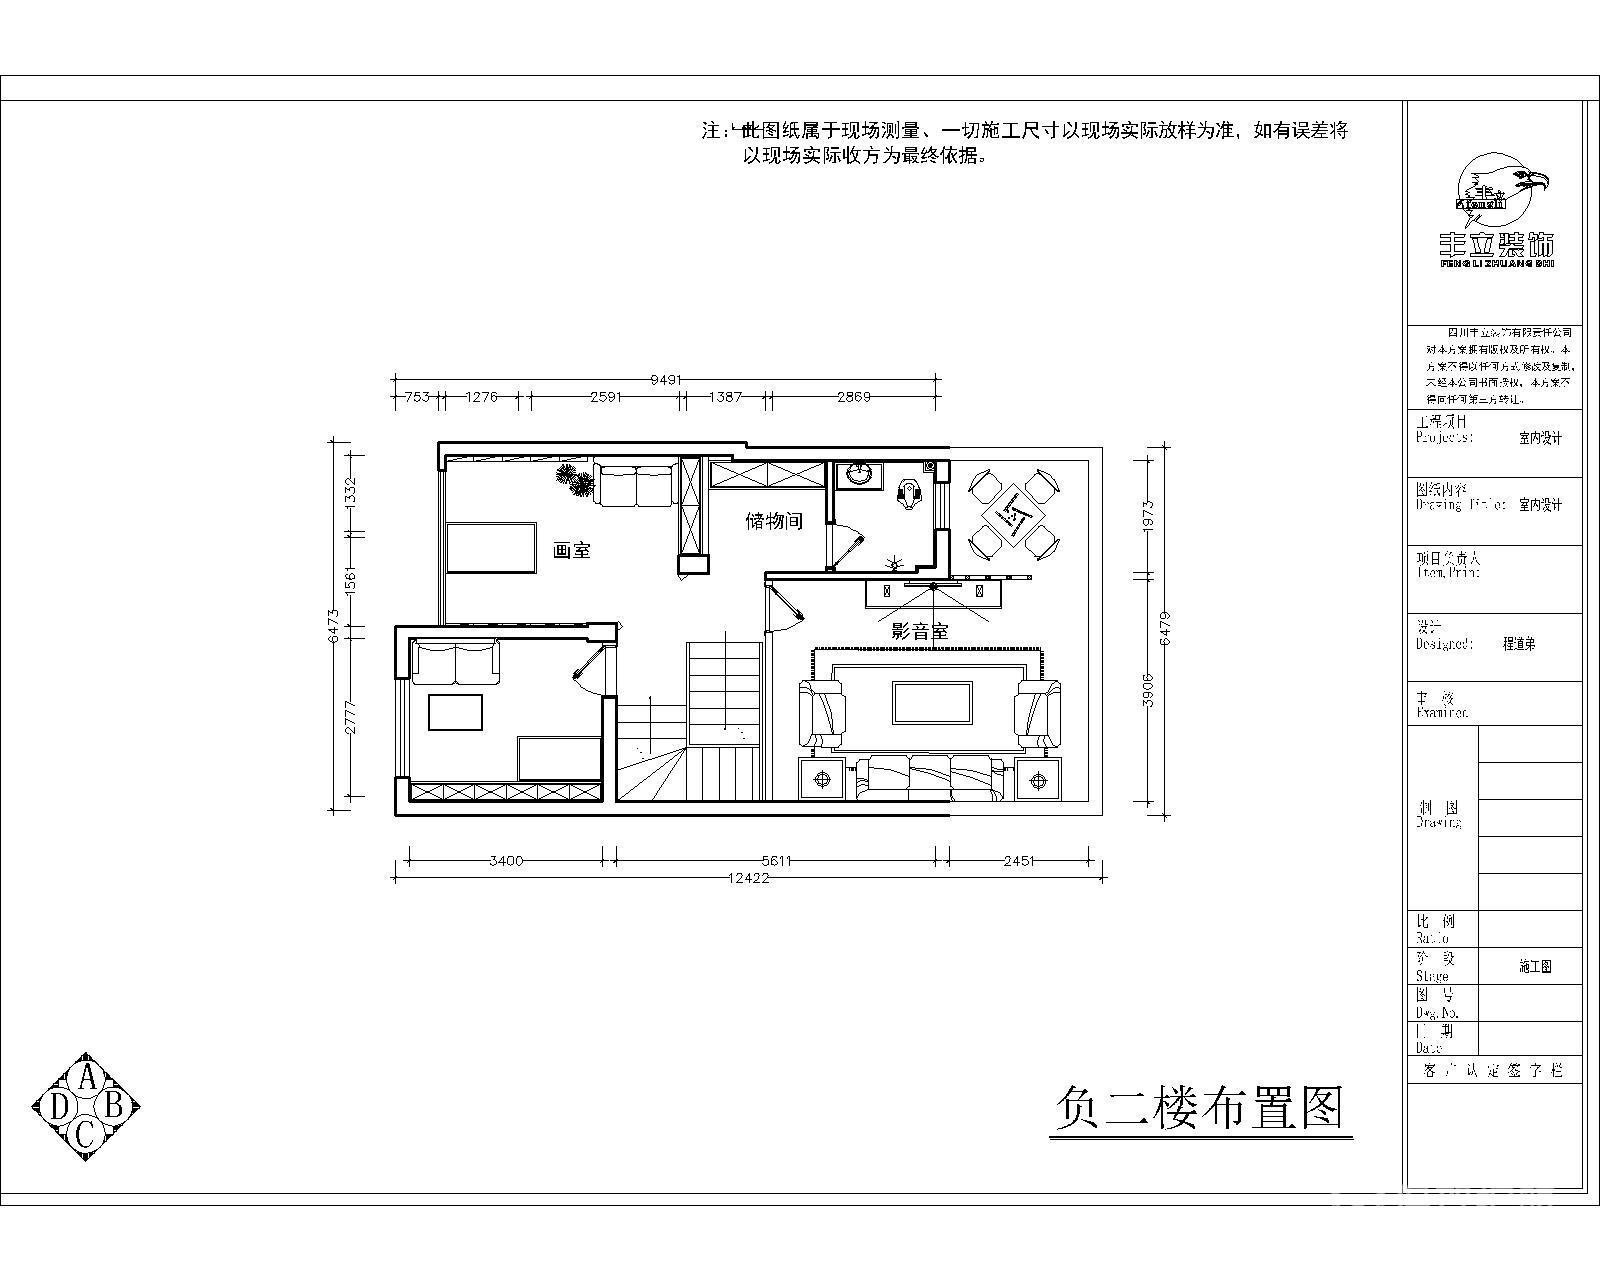 负二楼平面布置图.jpg